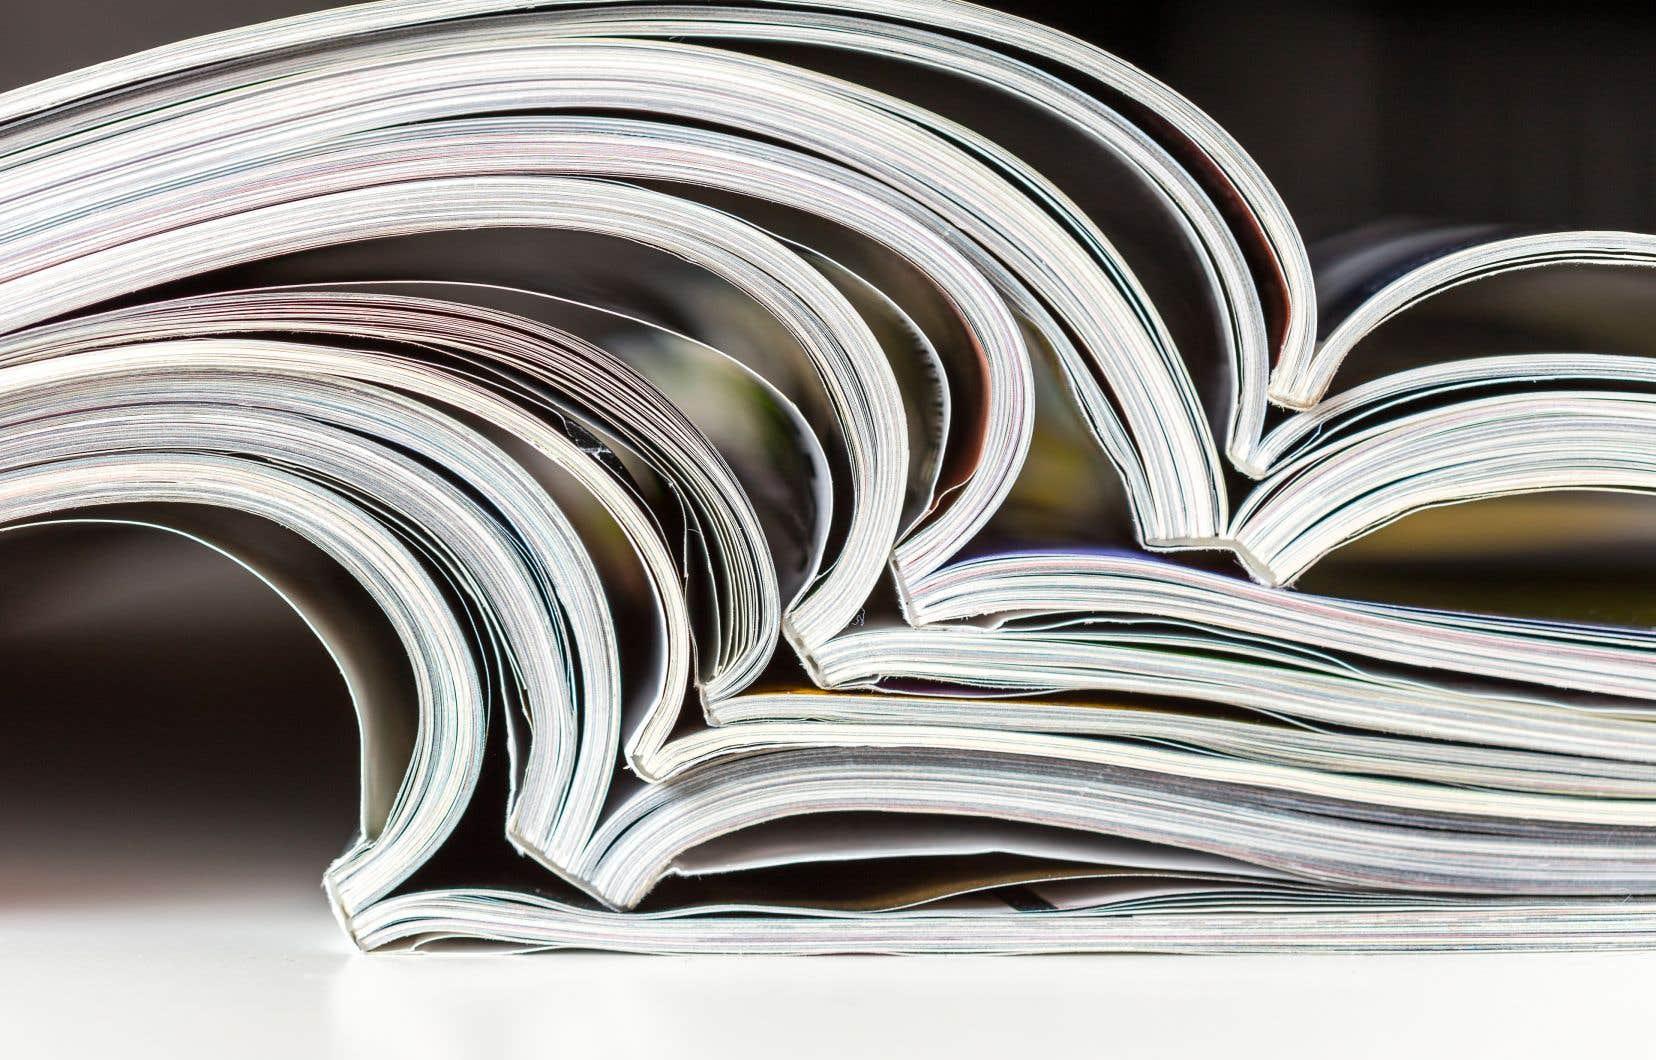 «L'usage que fait la communauté scientifique québécoise des différents périodiques nous éclaire sur l'importance des revues», écrivent les auteurs.